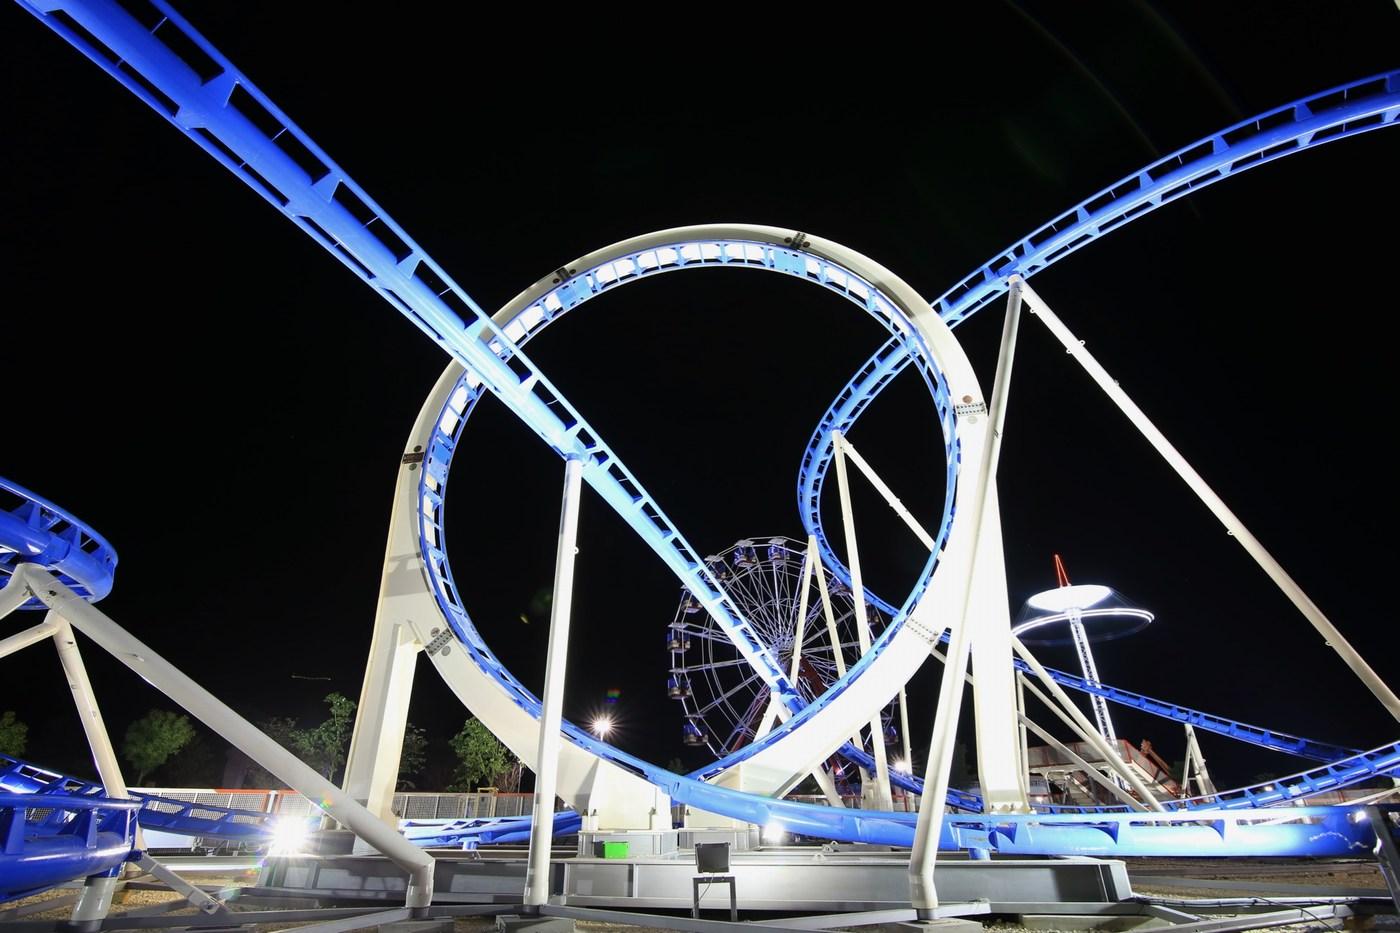 Park je oblikoval italijanski arhitekt Franco Barazzoni, eden izmed najboljših ustvarjalcev zabavnih parkov na svetu.